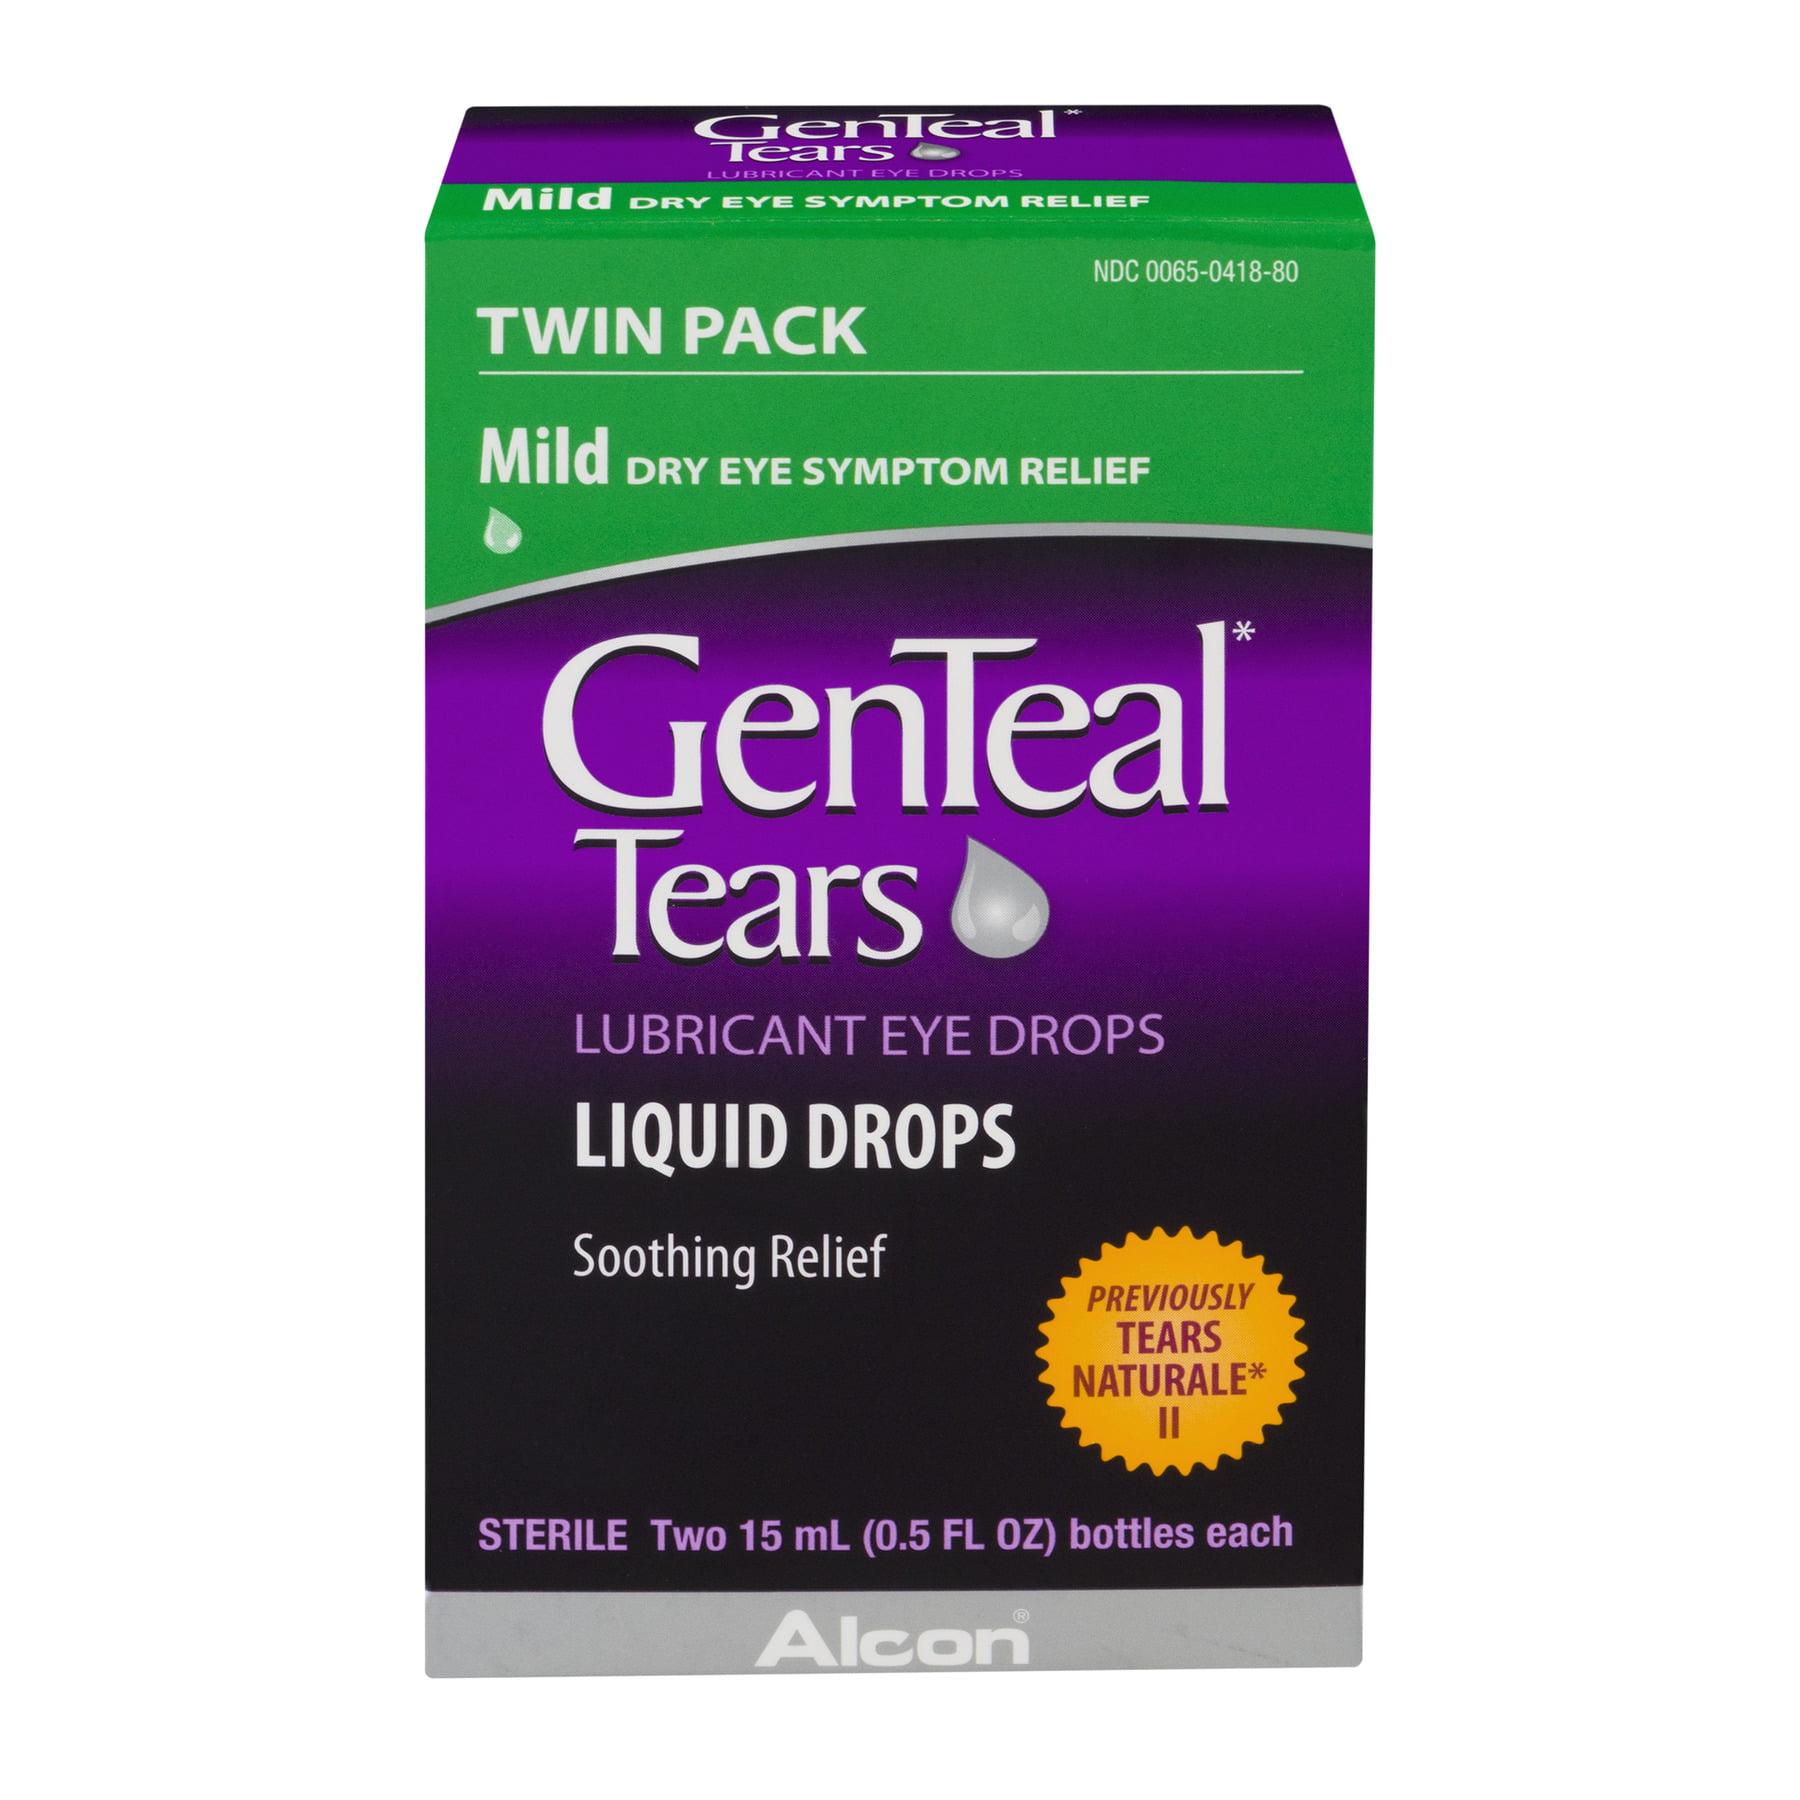 Alcon GenTeal Tears Eye Drops, 2 ea